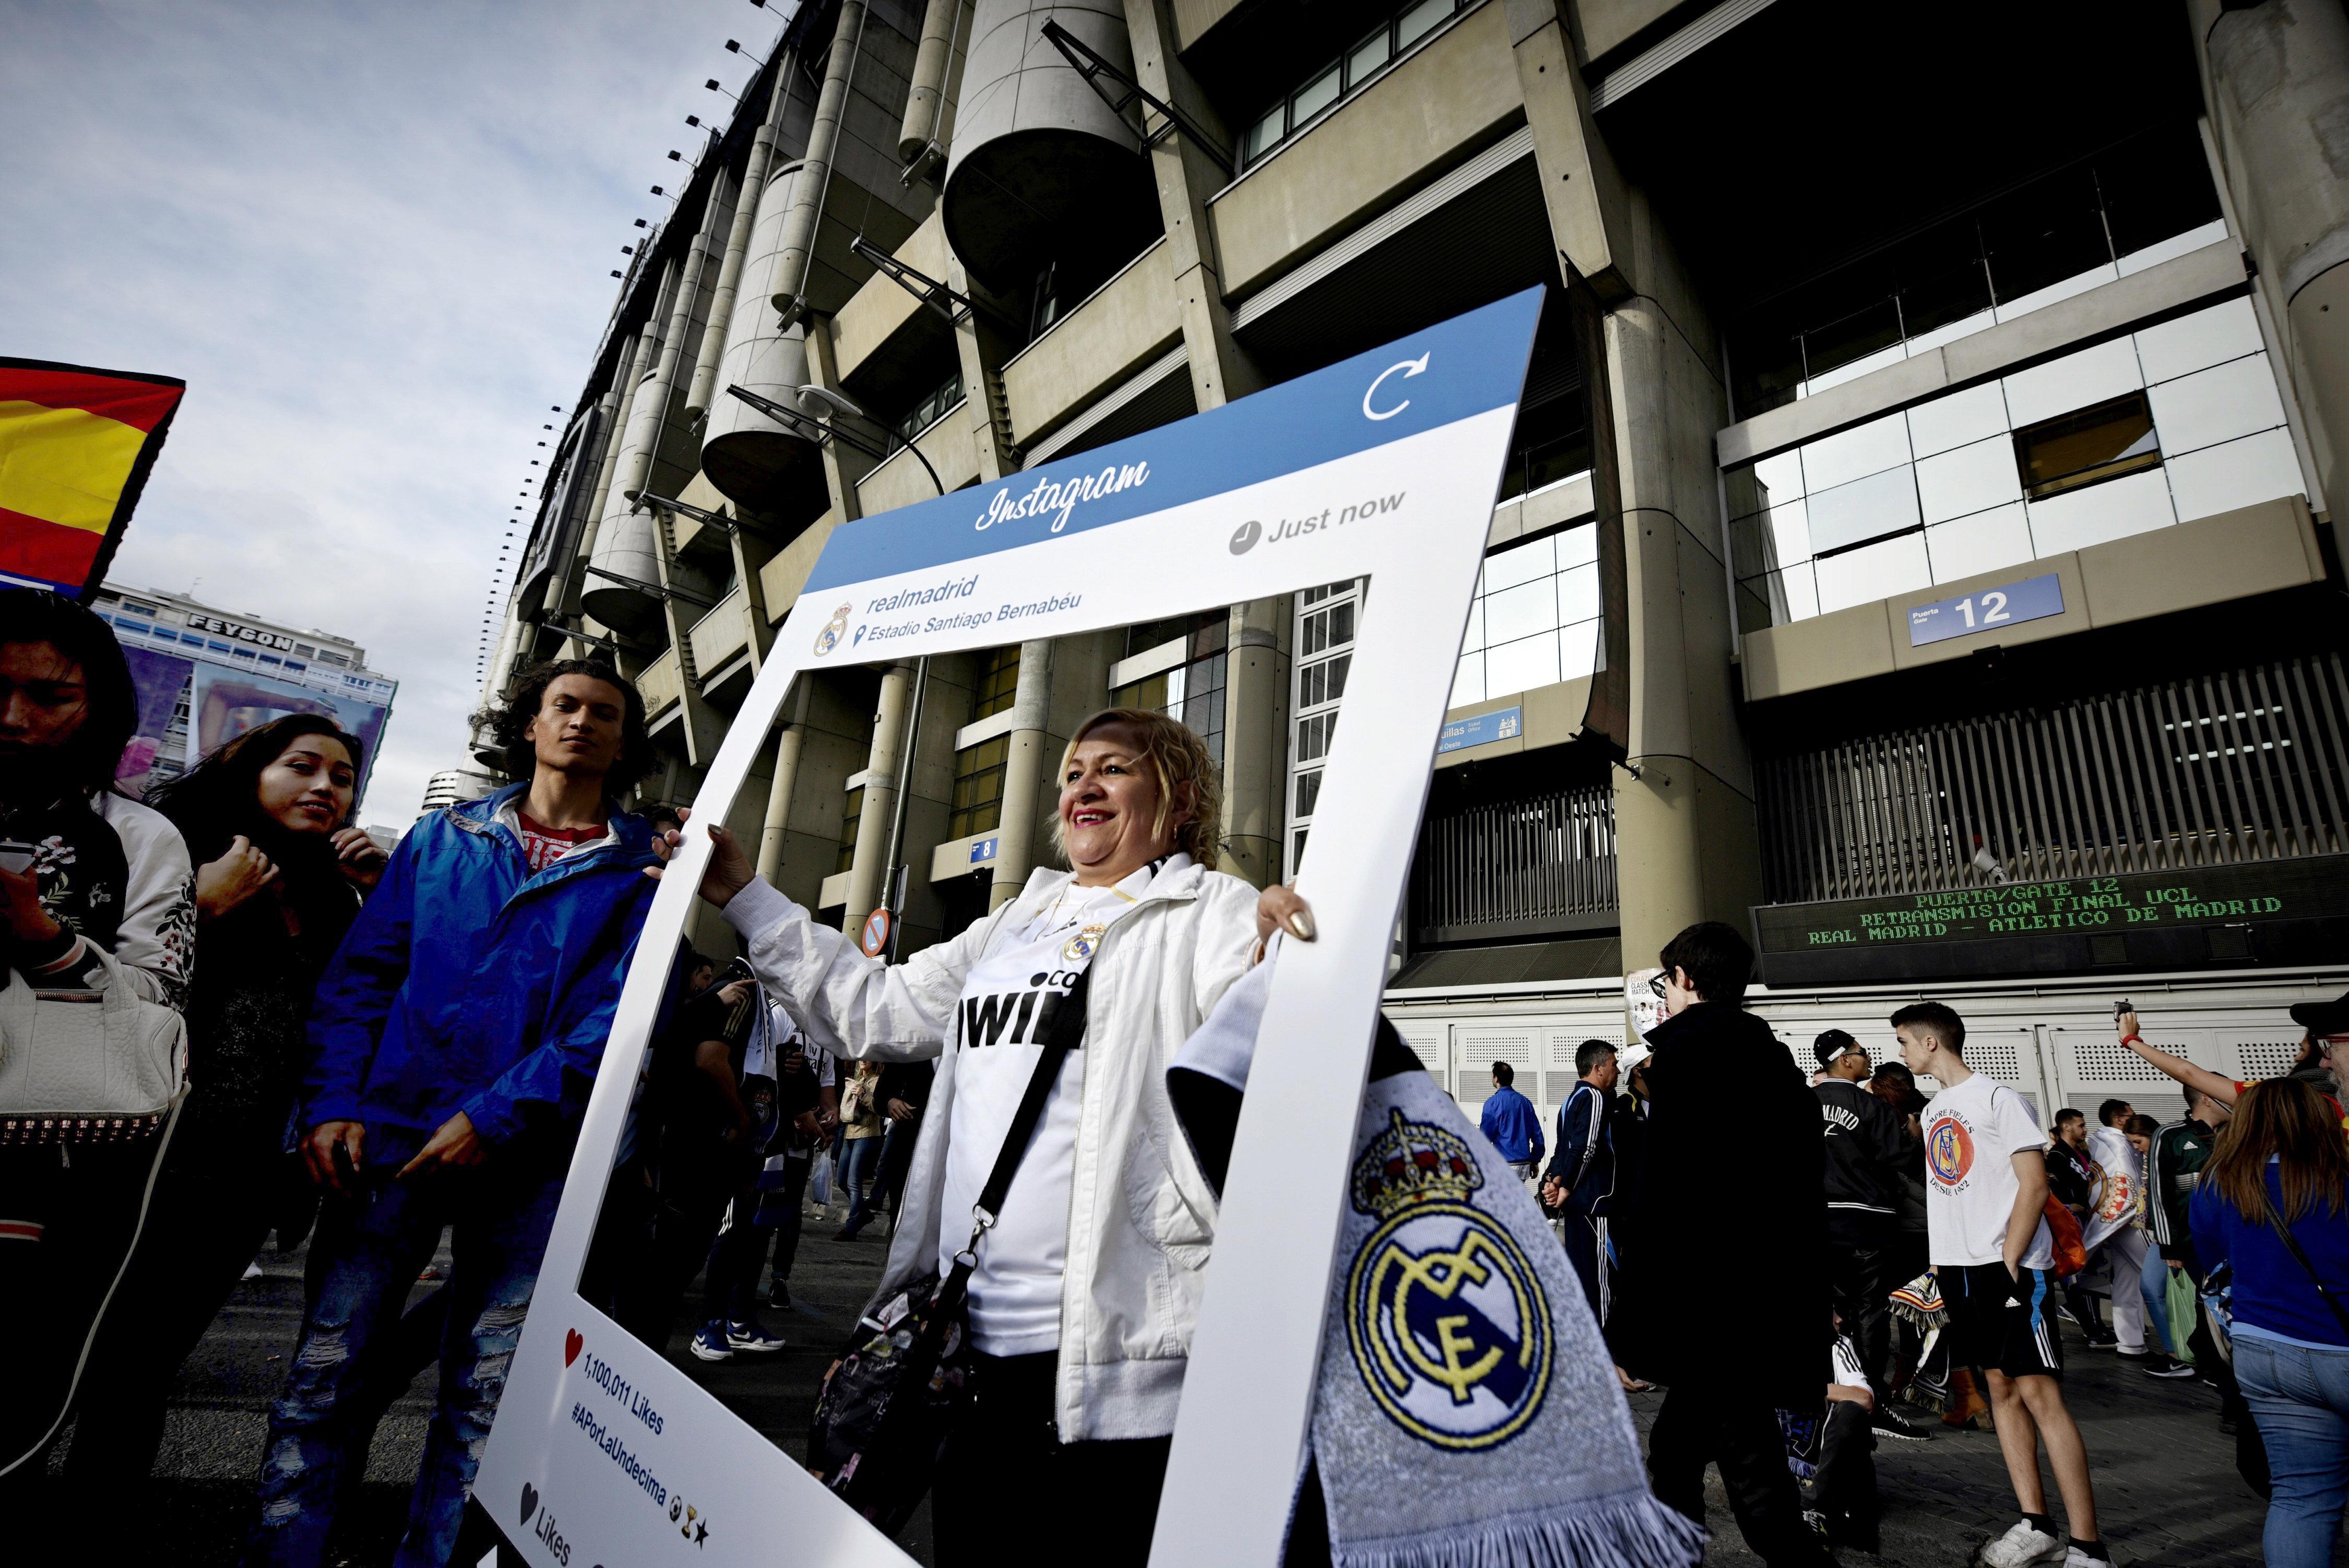 GRA404. MADRID, 28/05/2016.- Seguidores del Real Madrid esperan en el exterior del estadio Santiago Bernabéu para asistir a la retrasmisión en directo del partido de la final de la Liga de Campeones frente al Atlético de Madrid, que se disputa en el estadio de San Siro, en Milán (Italia). EFE/Fernando Villar